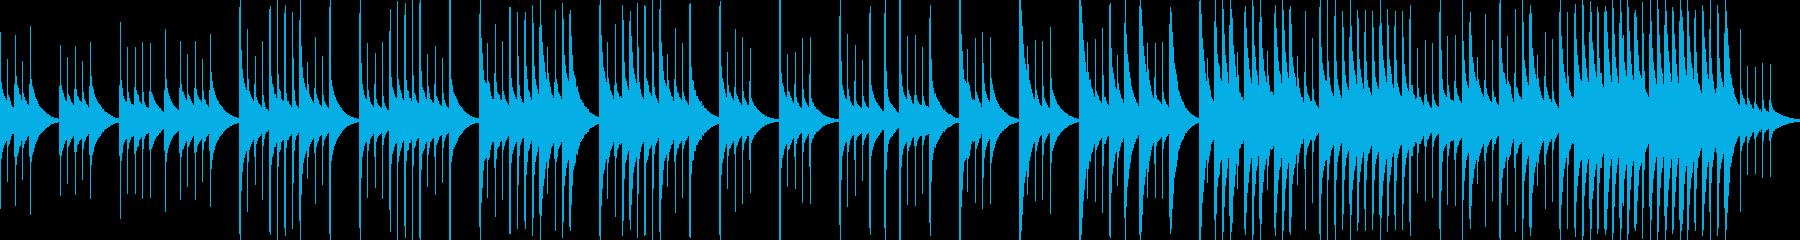 オルゴールで悲しい曲、別れ(ループ)の再生済みの波形